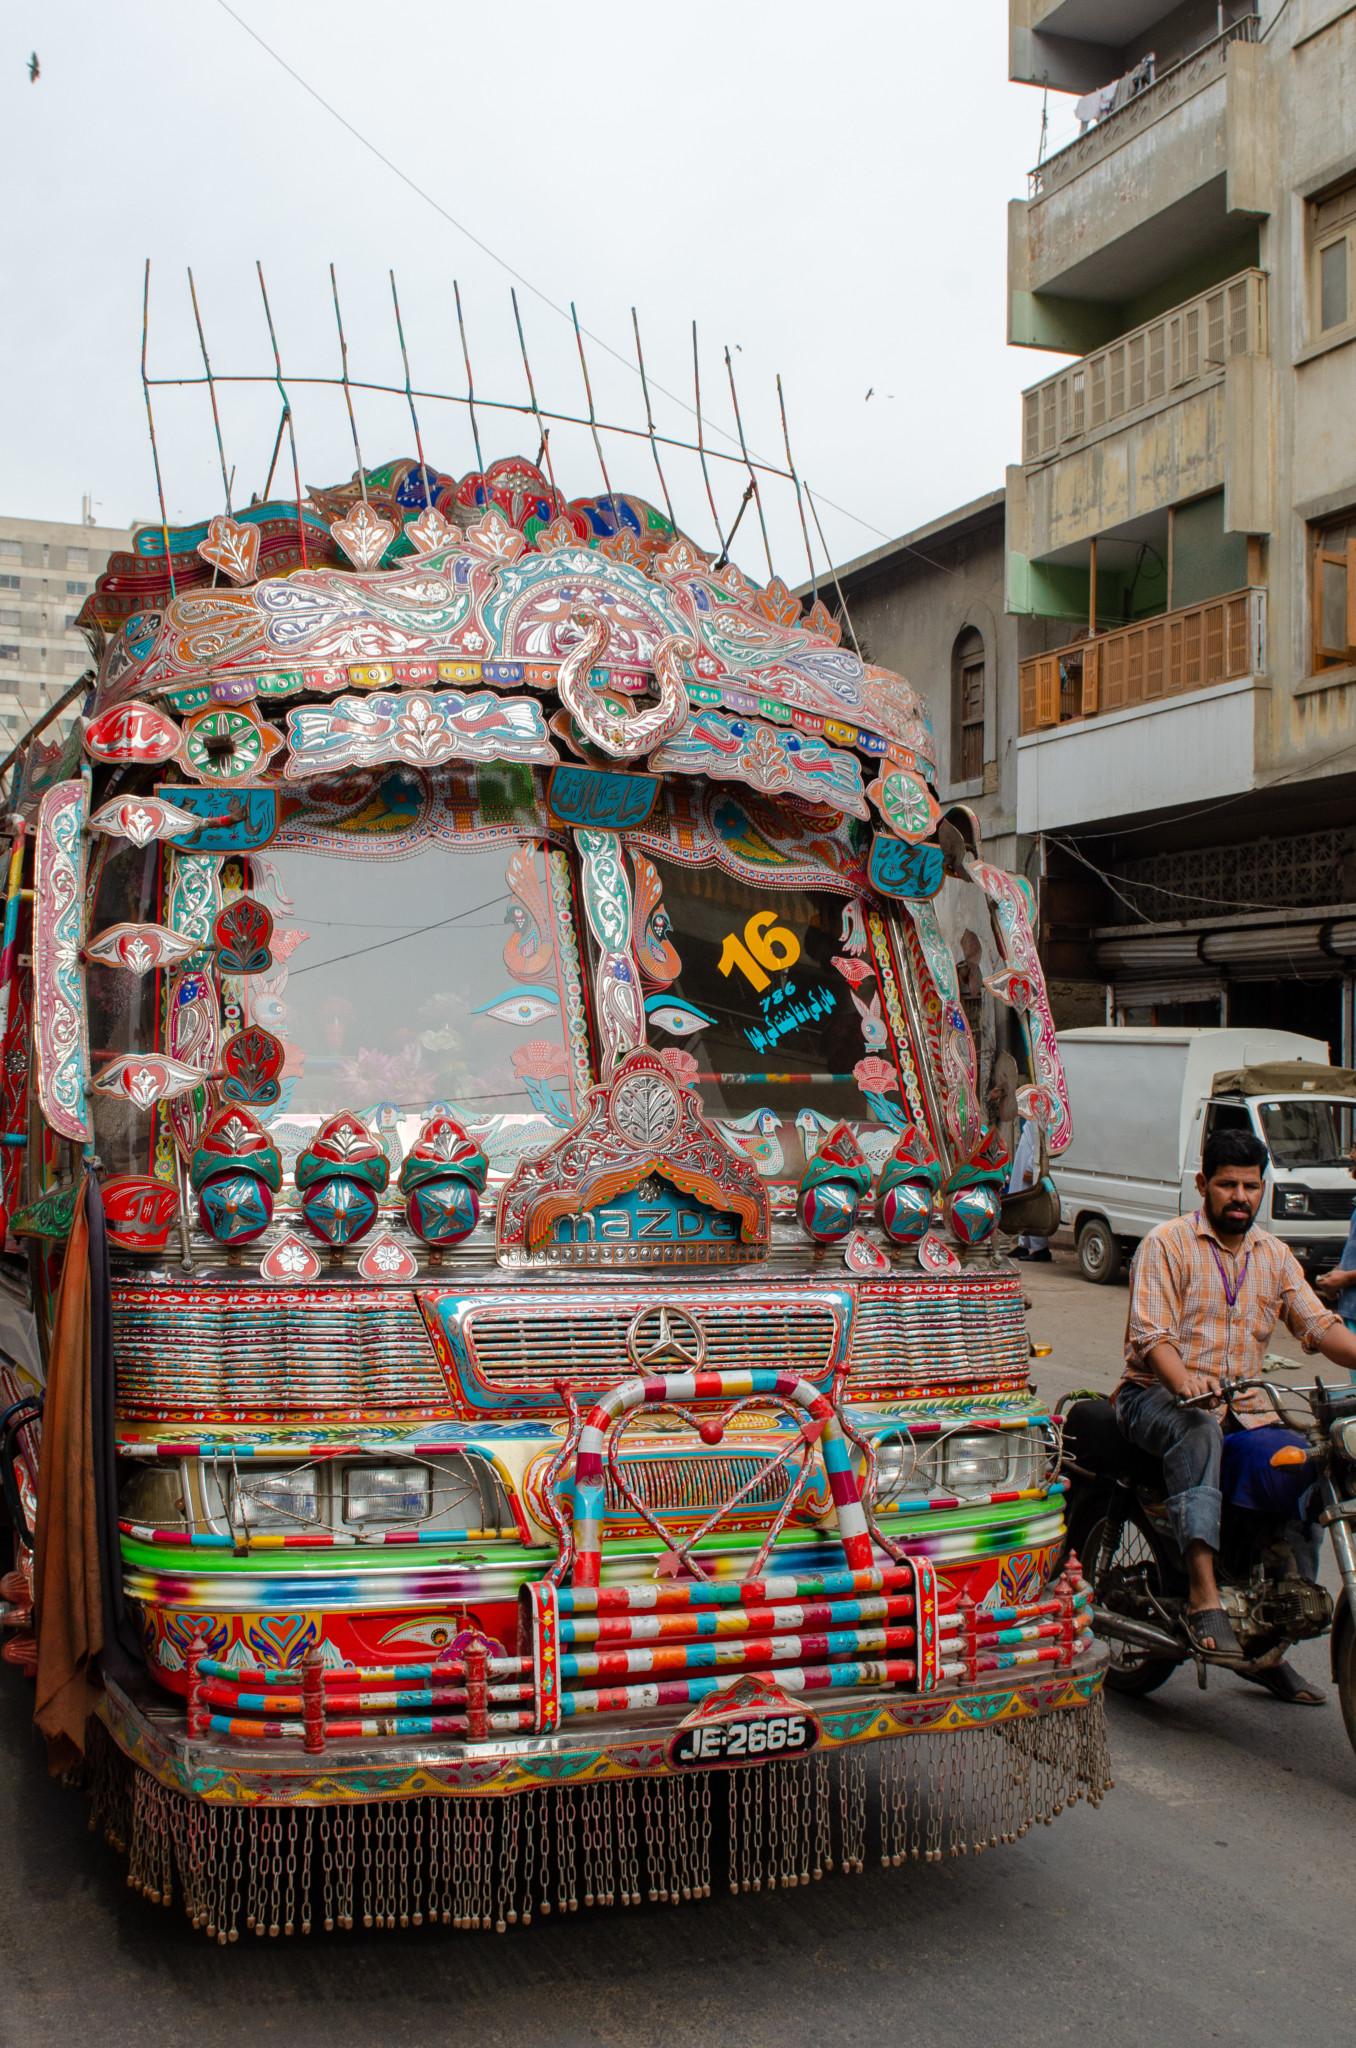 Phool Patti Bemalung auf einem Bus in Karatschi